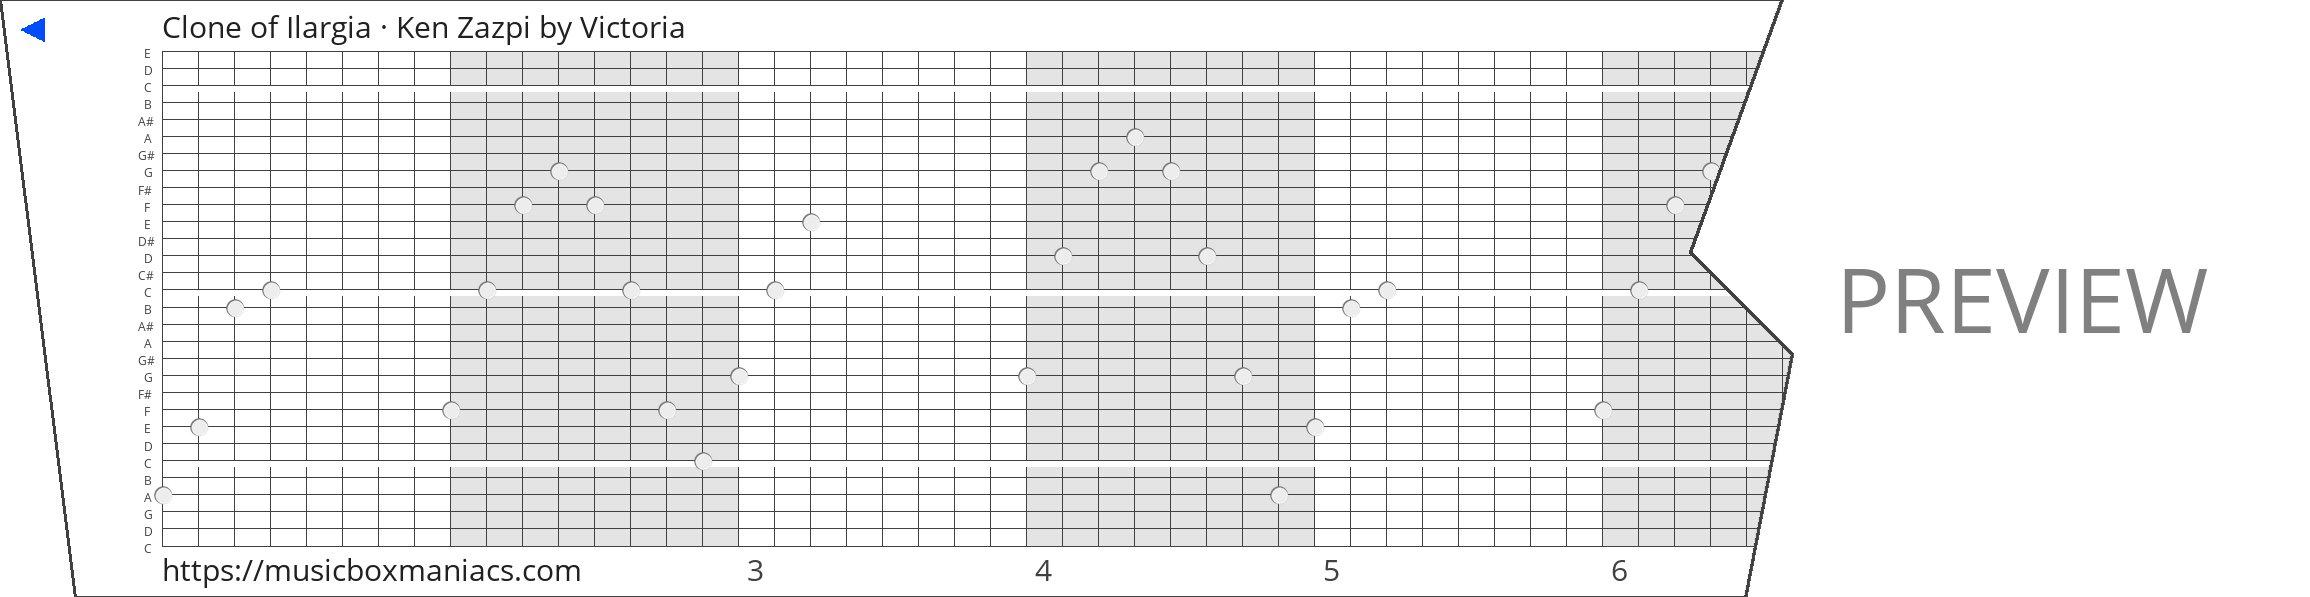 Clone of Ilargia · Ken Zazpi 30 note music box paper strip